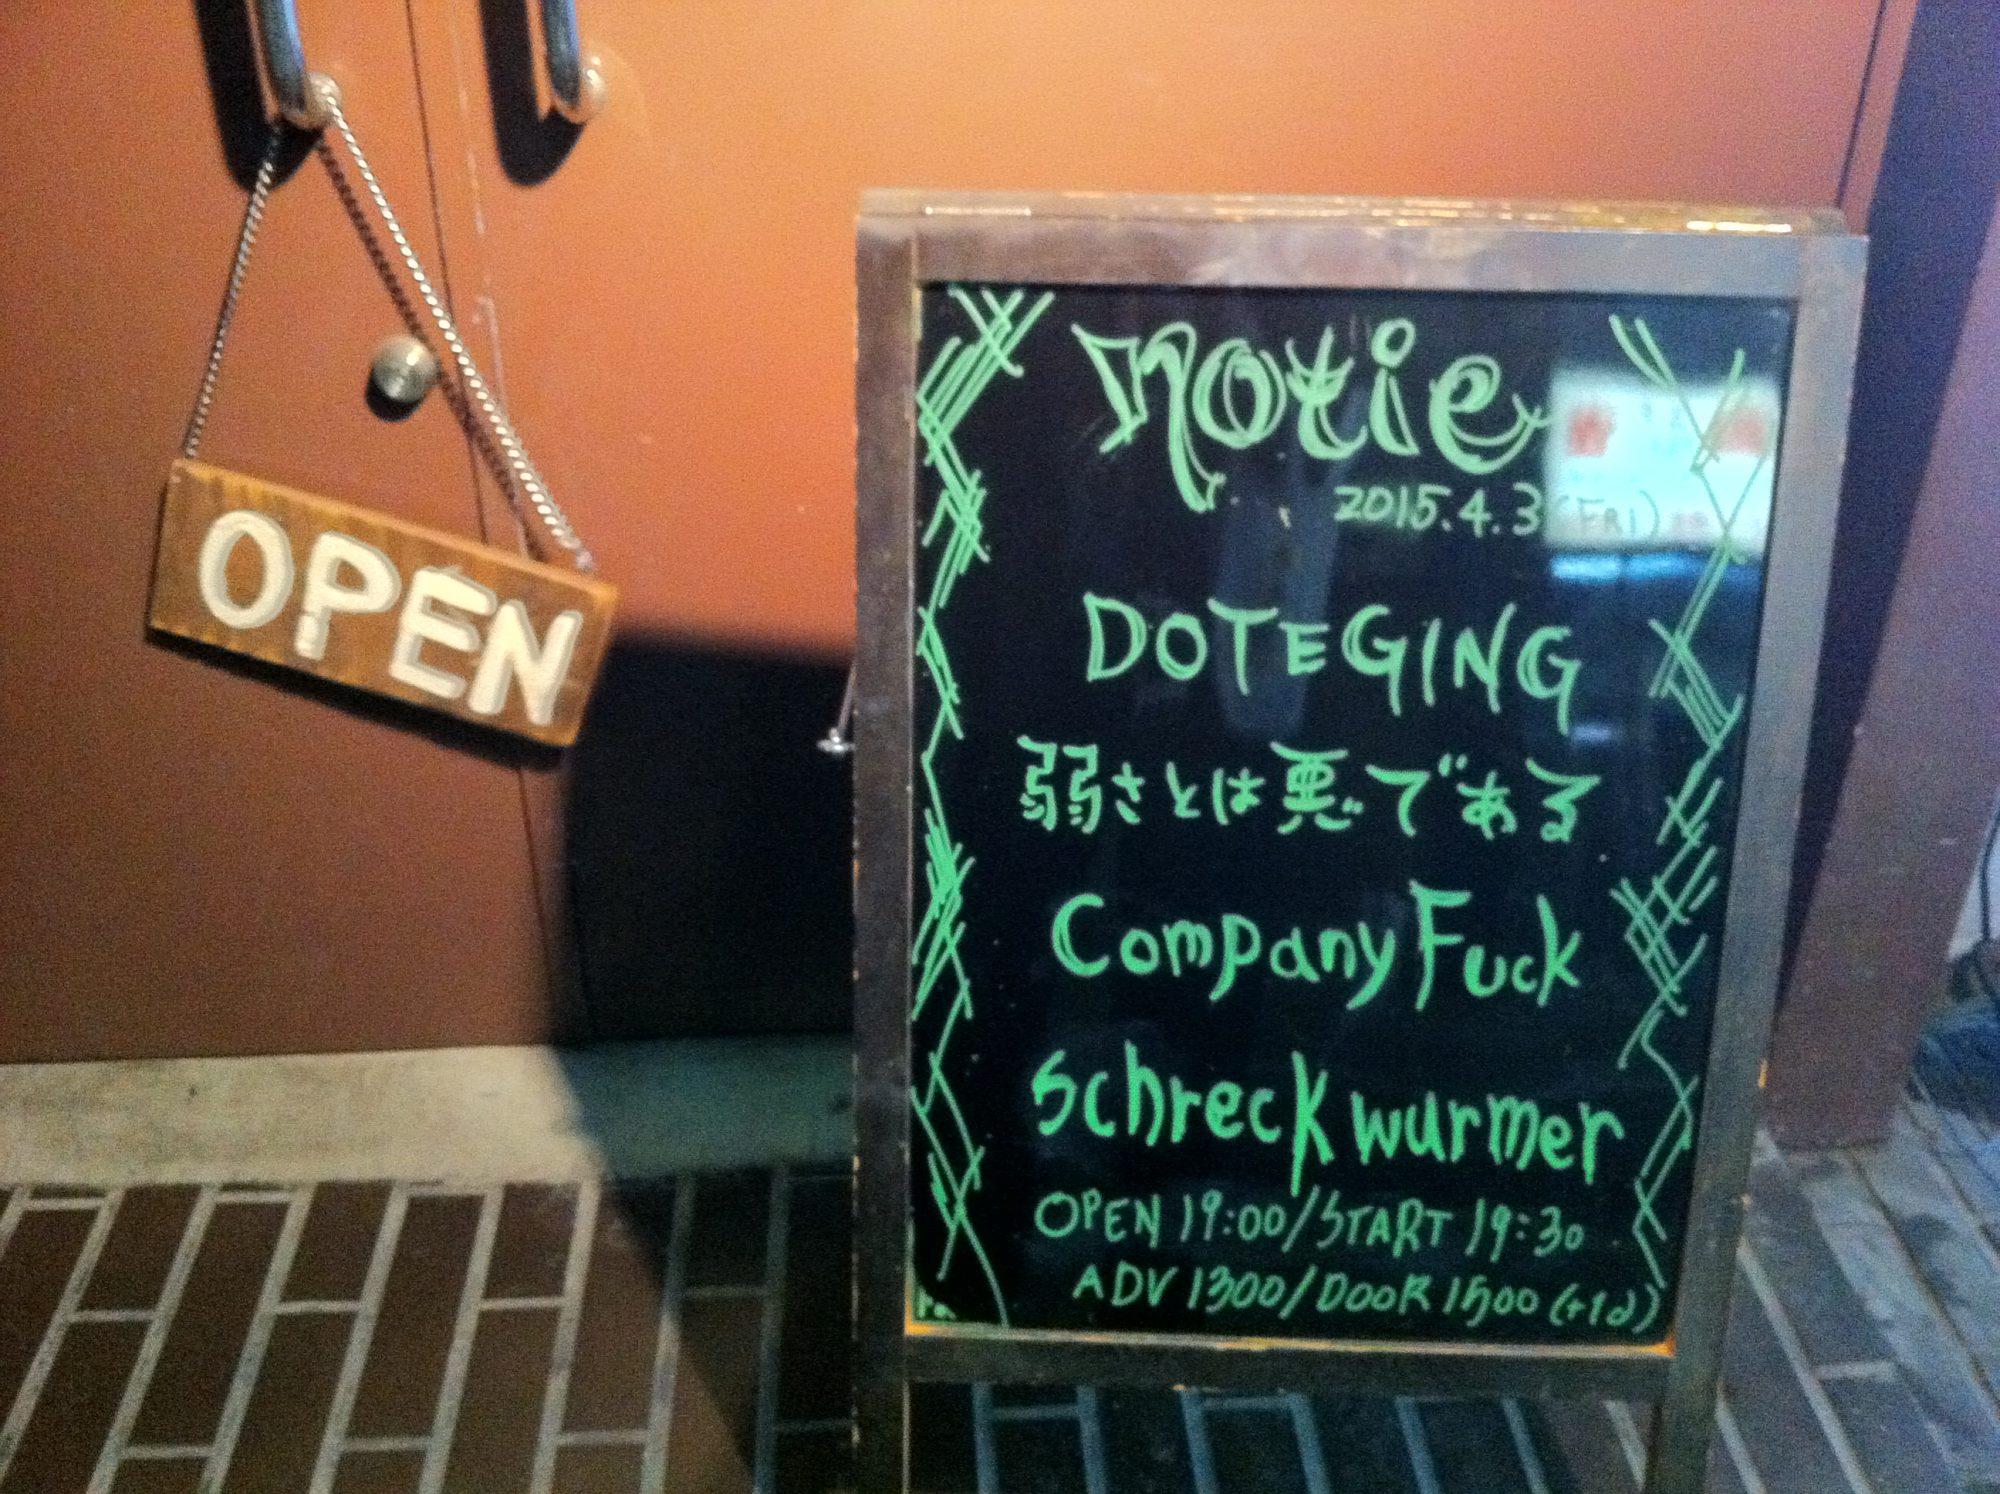 Company Fuck – Tokyo, Japan – 2015